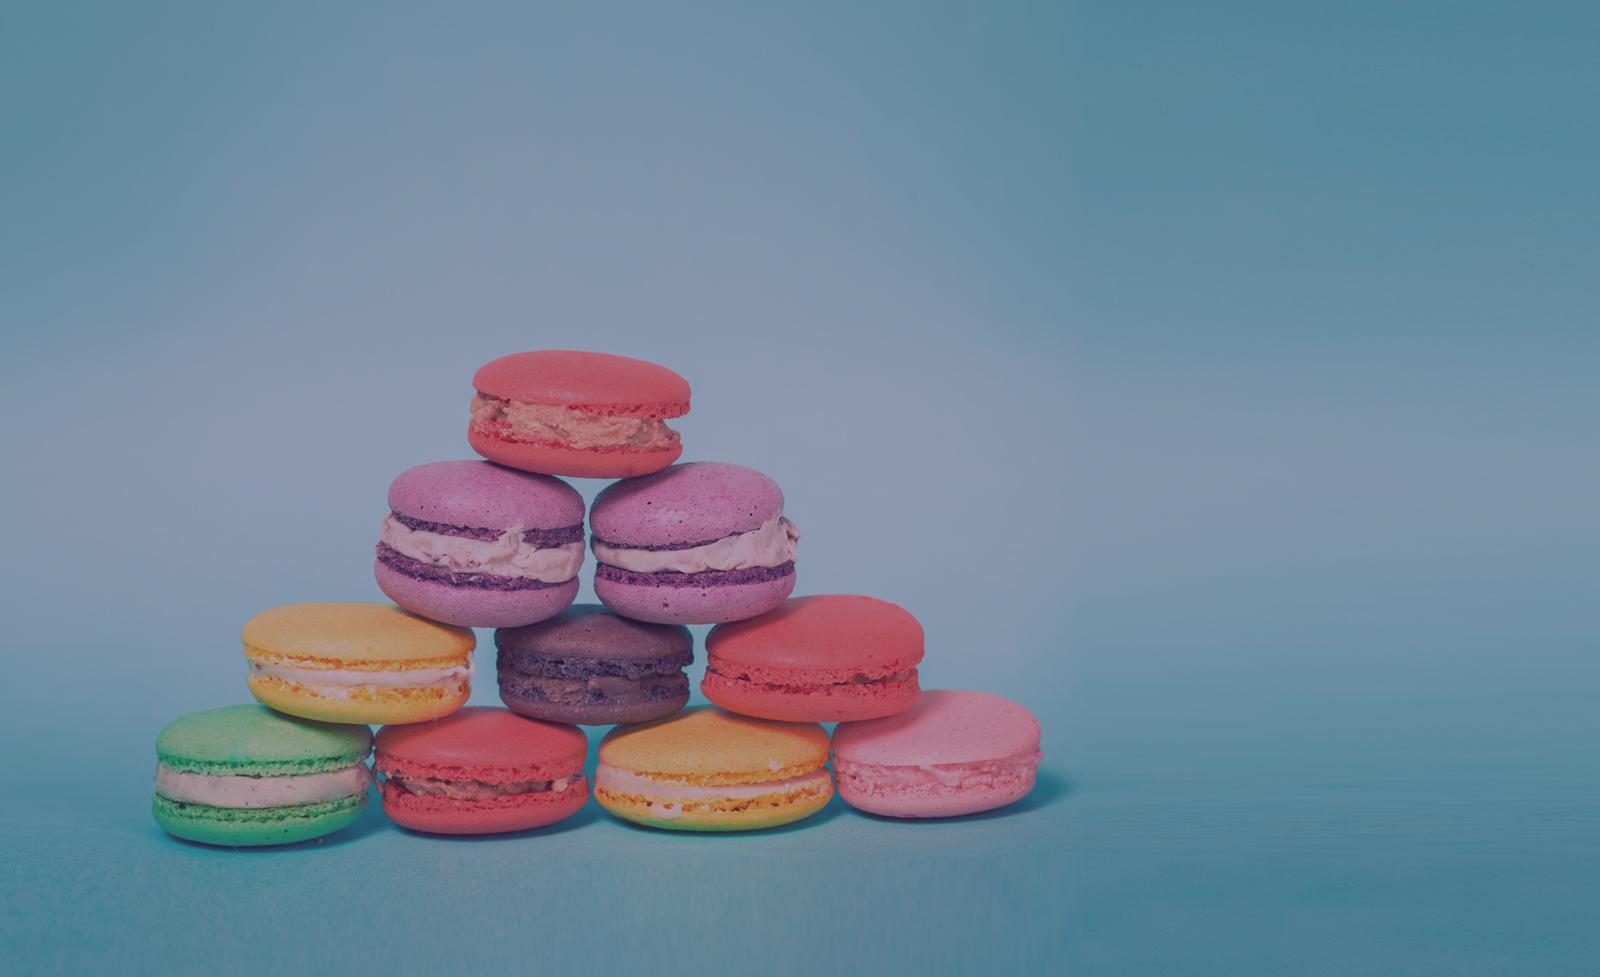 Bake-in Diversity